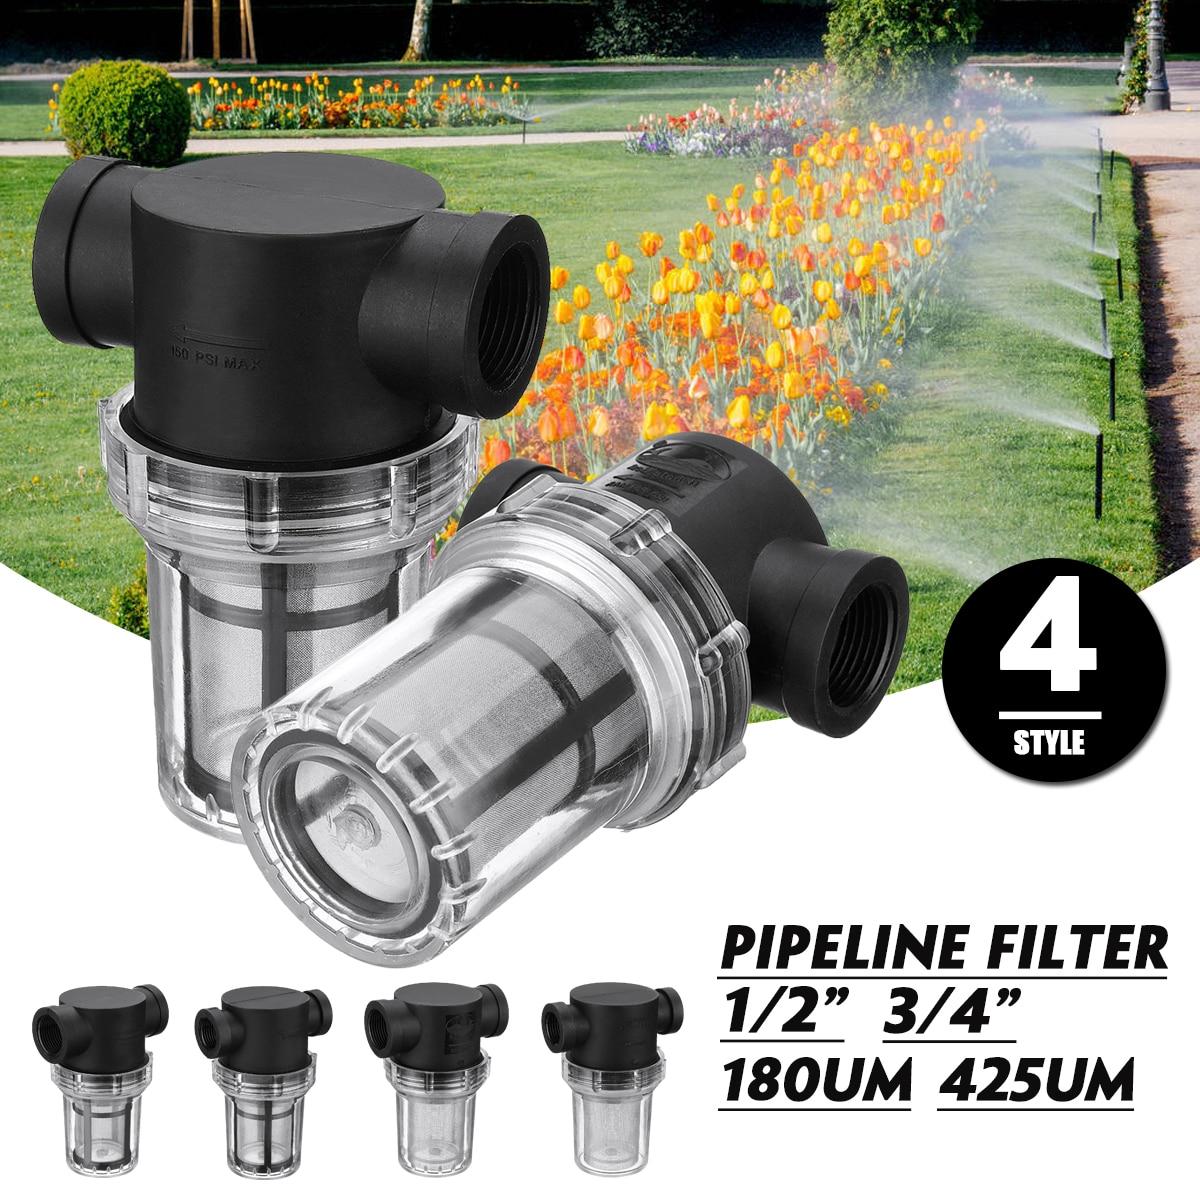 1Pcs Garden Pond 1 4inch 3 4inch Inline Mesh Strainer Water Pump Filter Irrigation High Flow